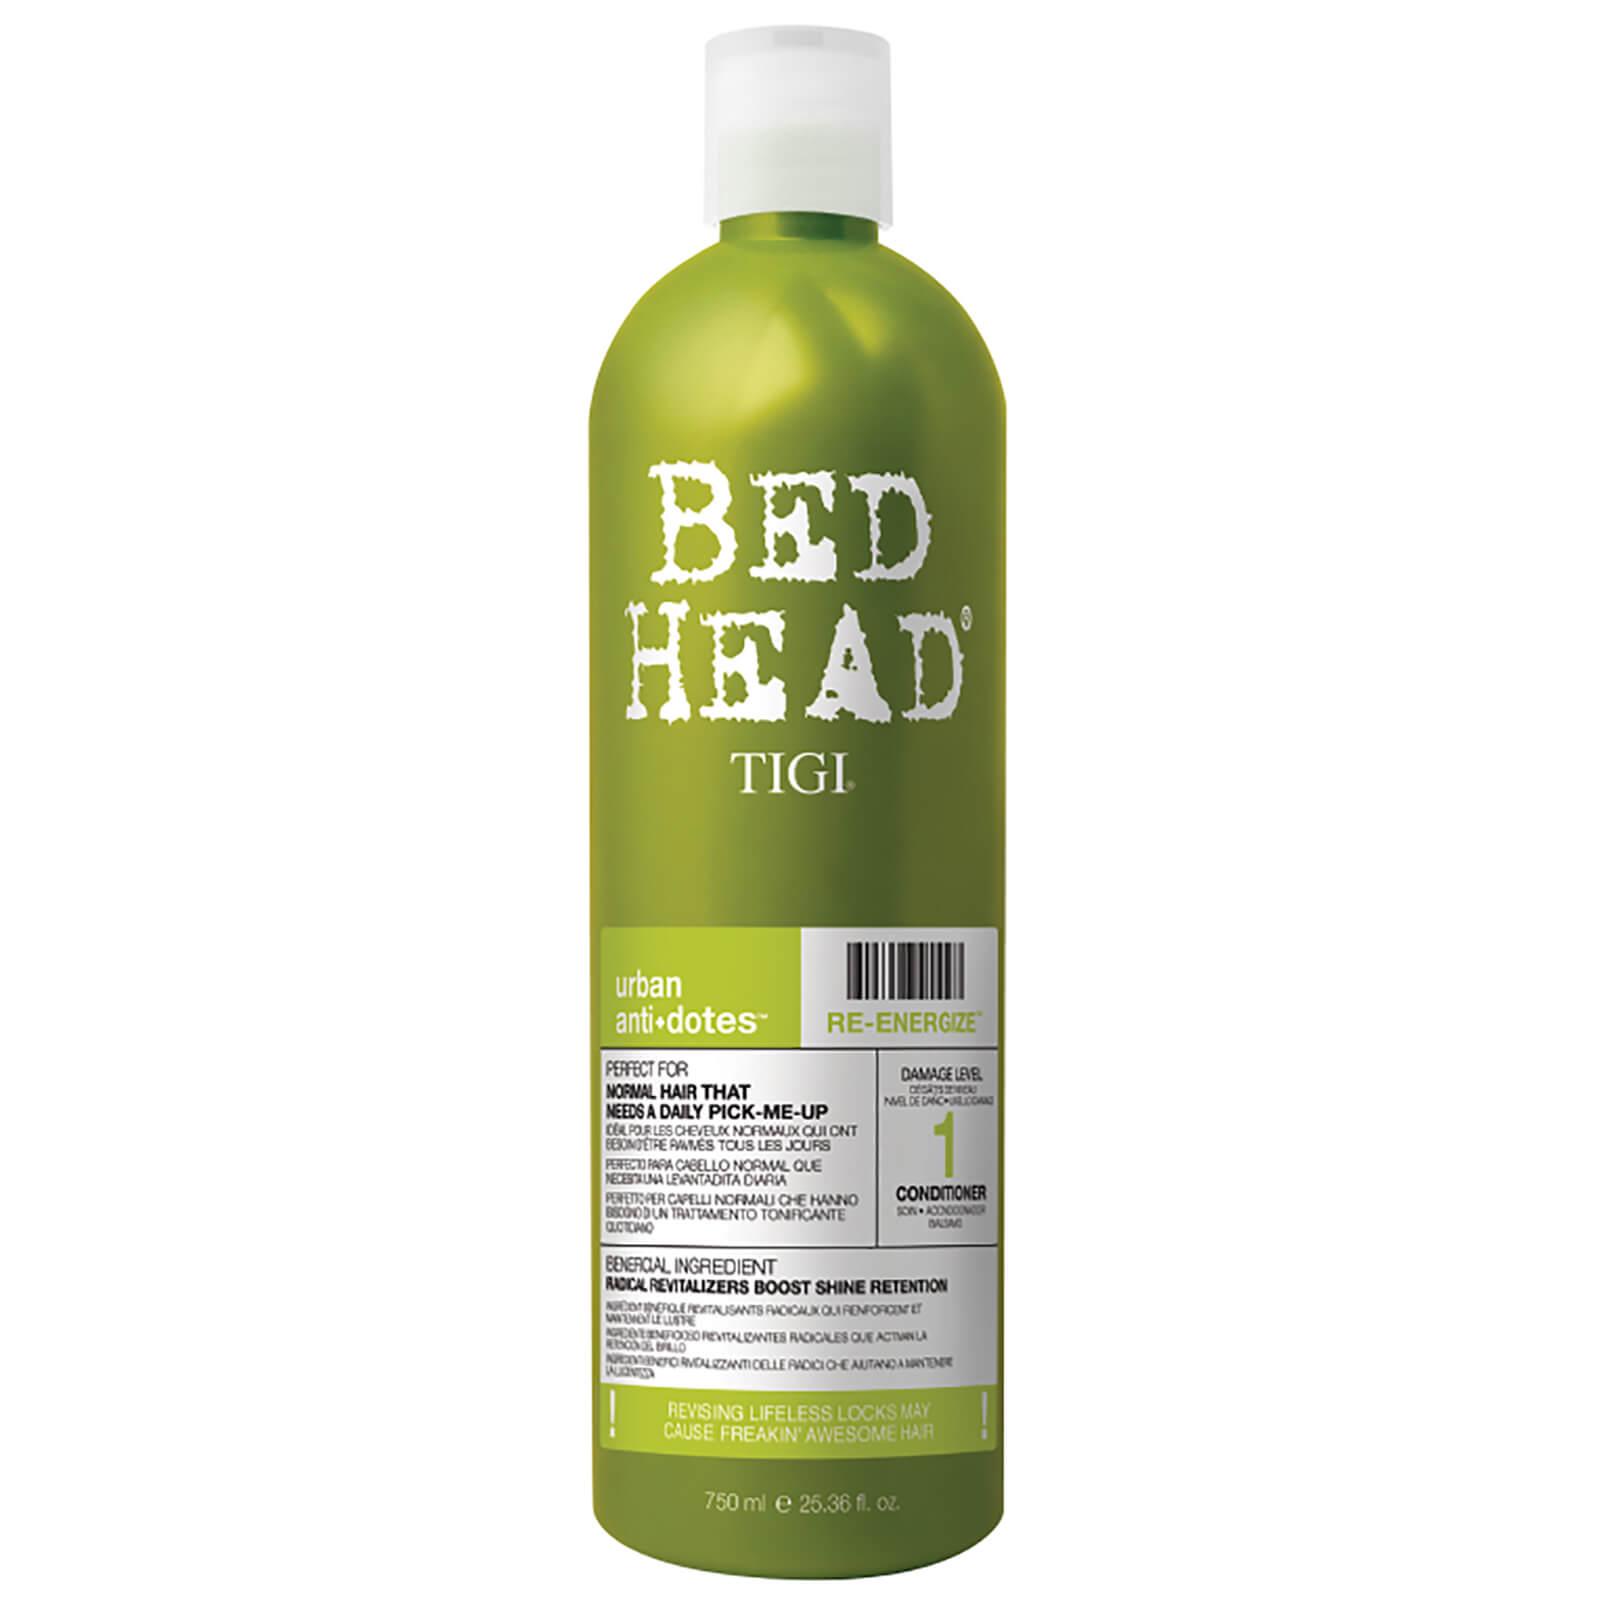 TIGI Après-shampooing quotidien pour cheveux normaux Urban Antidotes Re-energize TIGI Bed Head 750ml